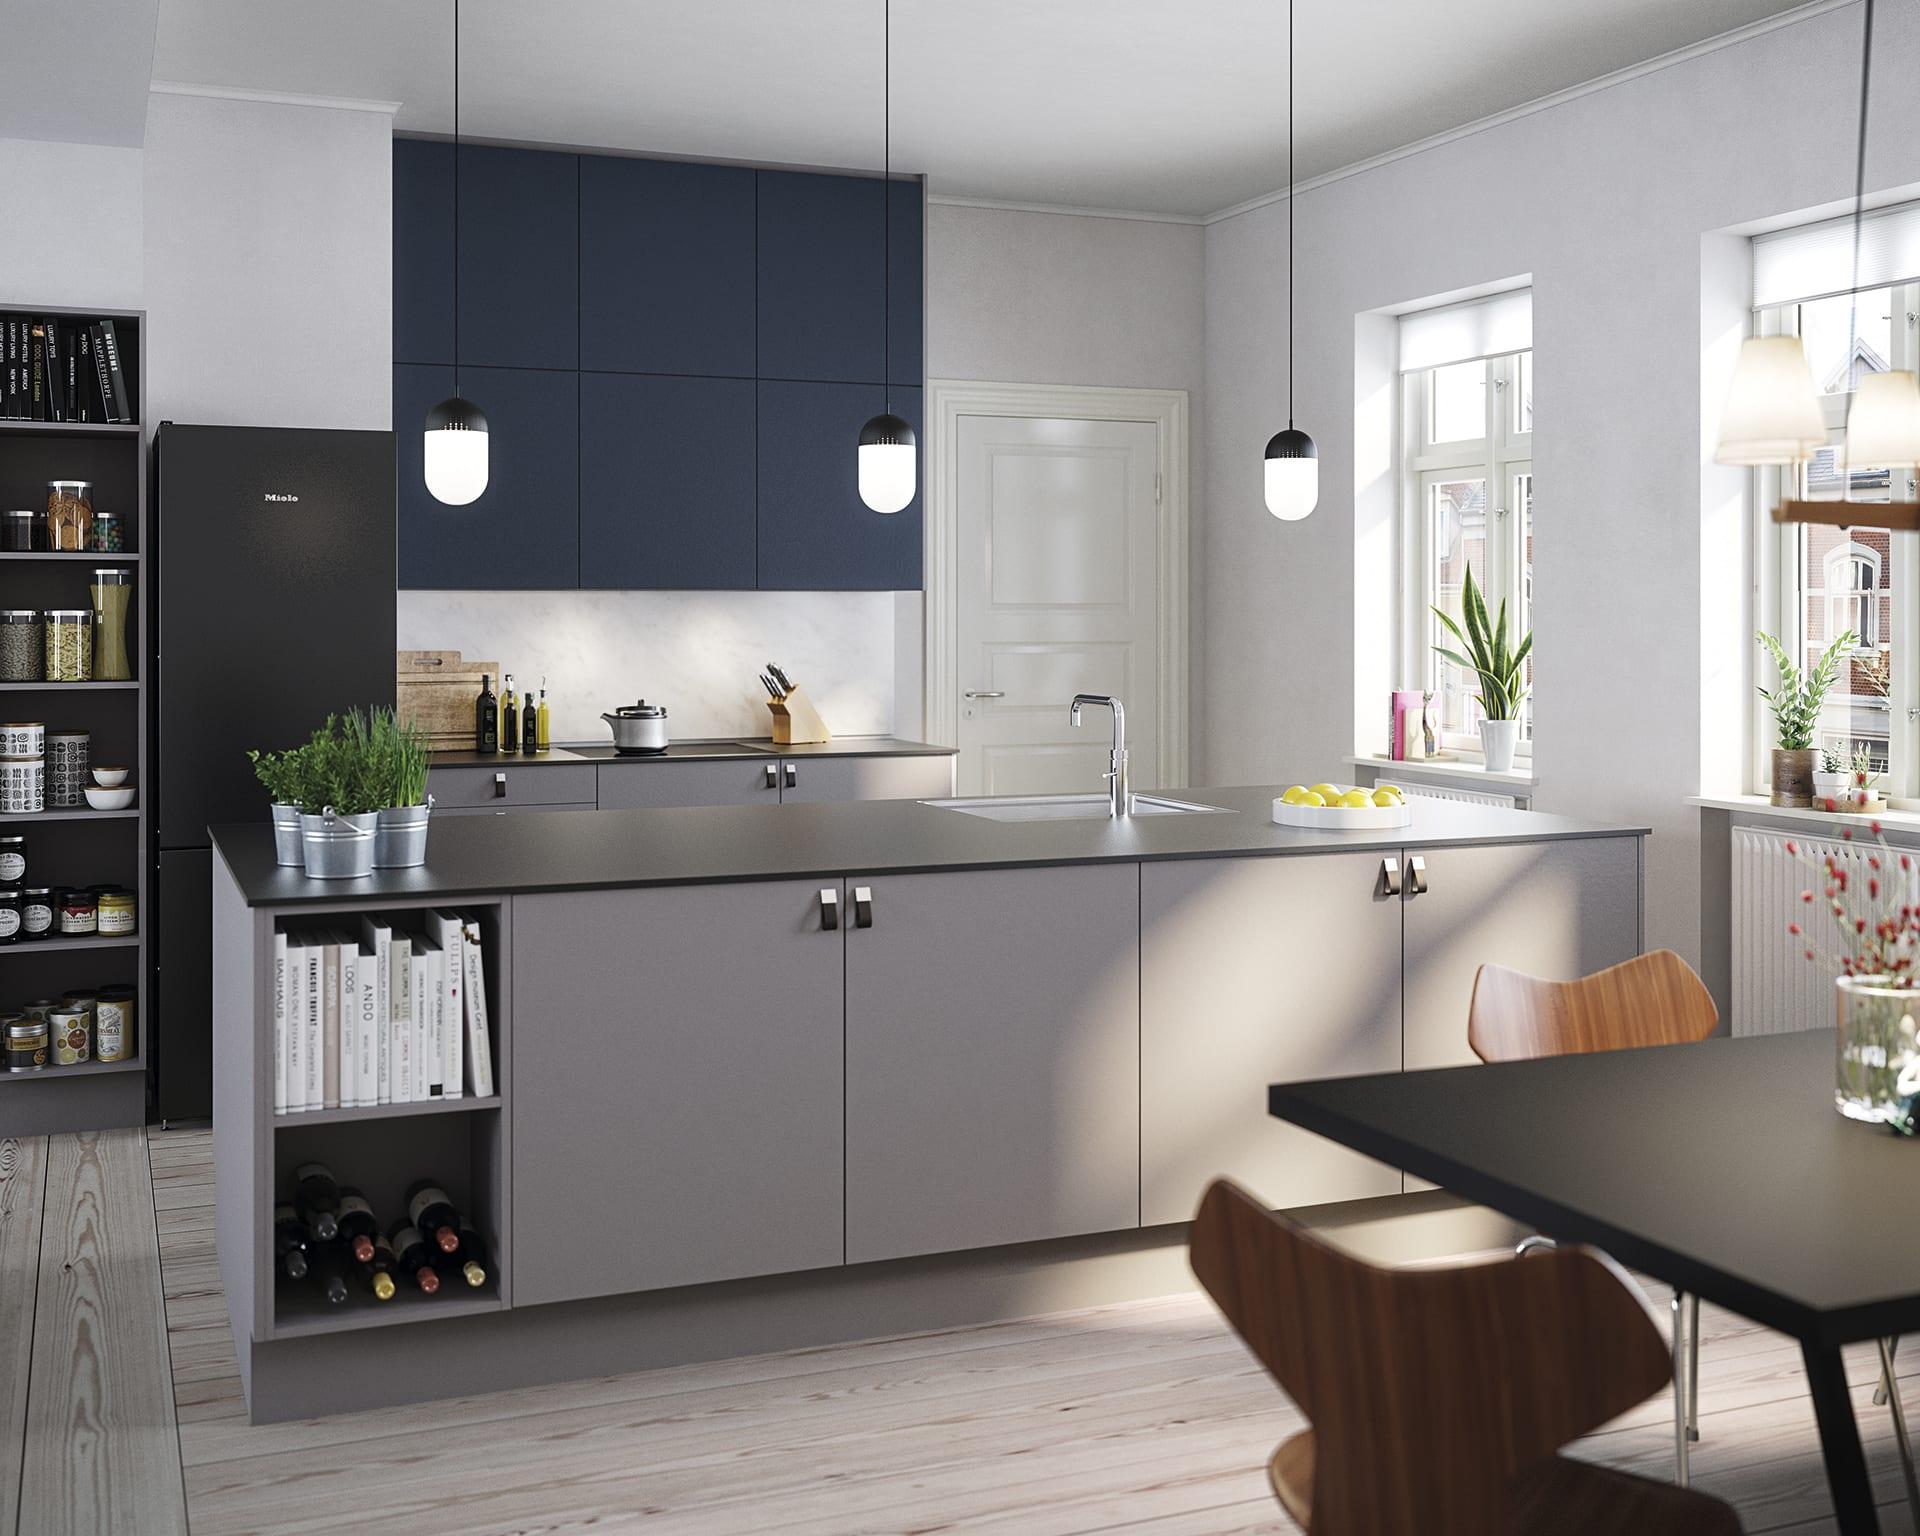 Picture of: Grat Kokken Stilrene Kokkener I Smukt Design Og Hoj Kvalitet